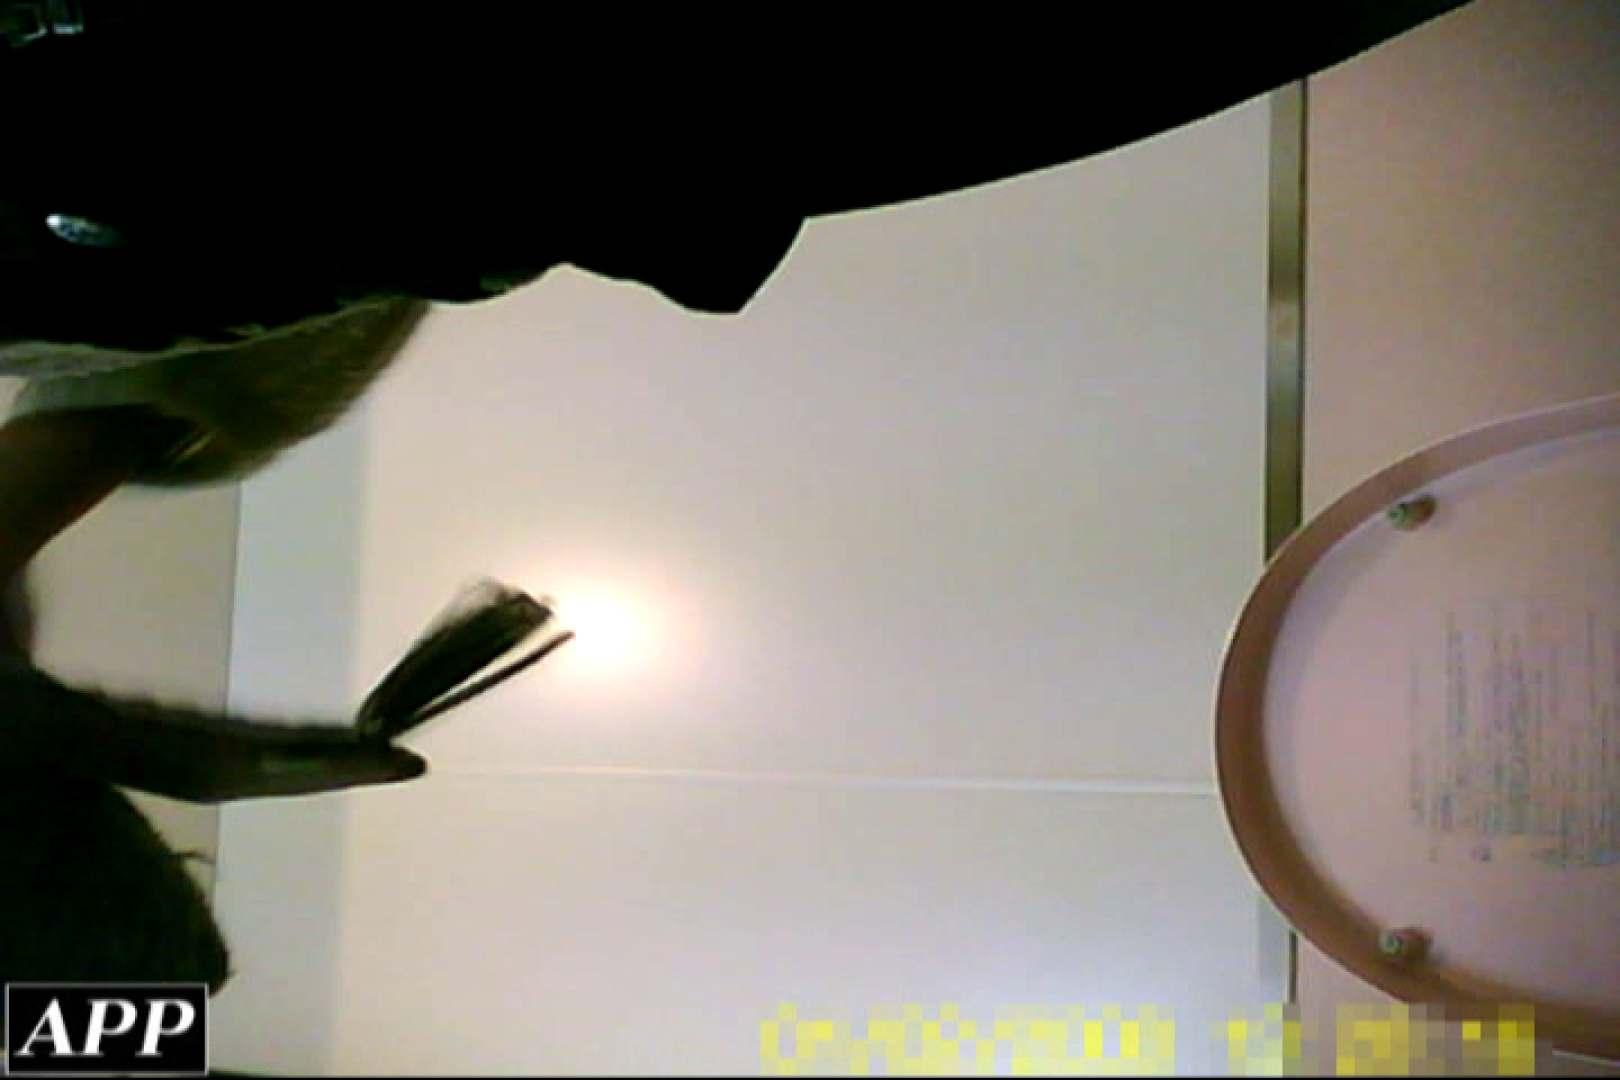 3視点洗面所 vol.117 モロだしオマンコ アダルト動画キャプチャ 76pic 58